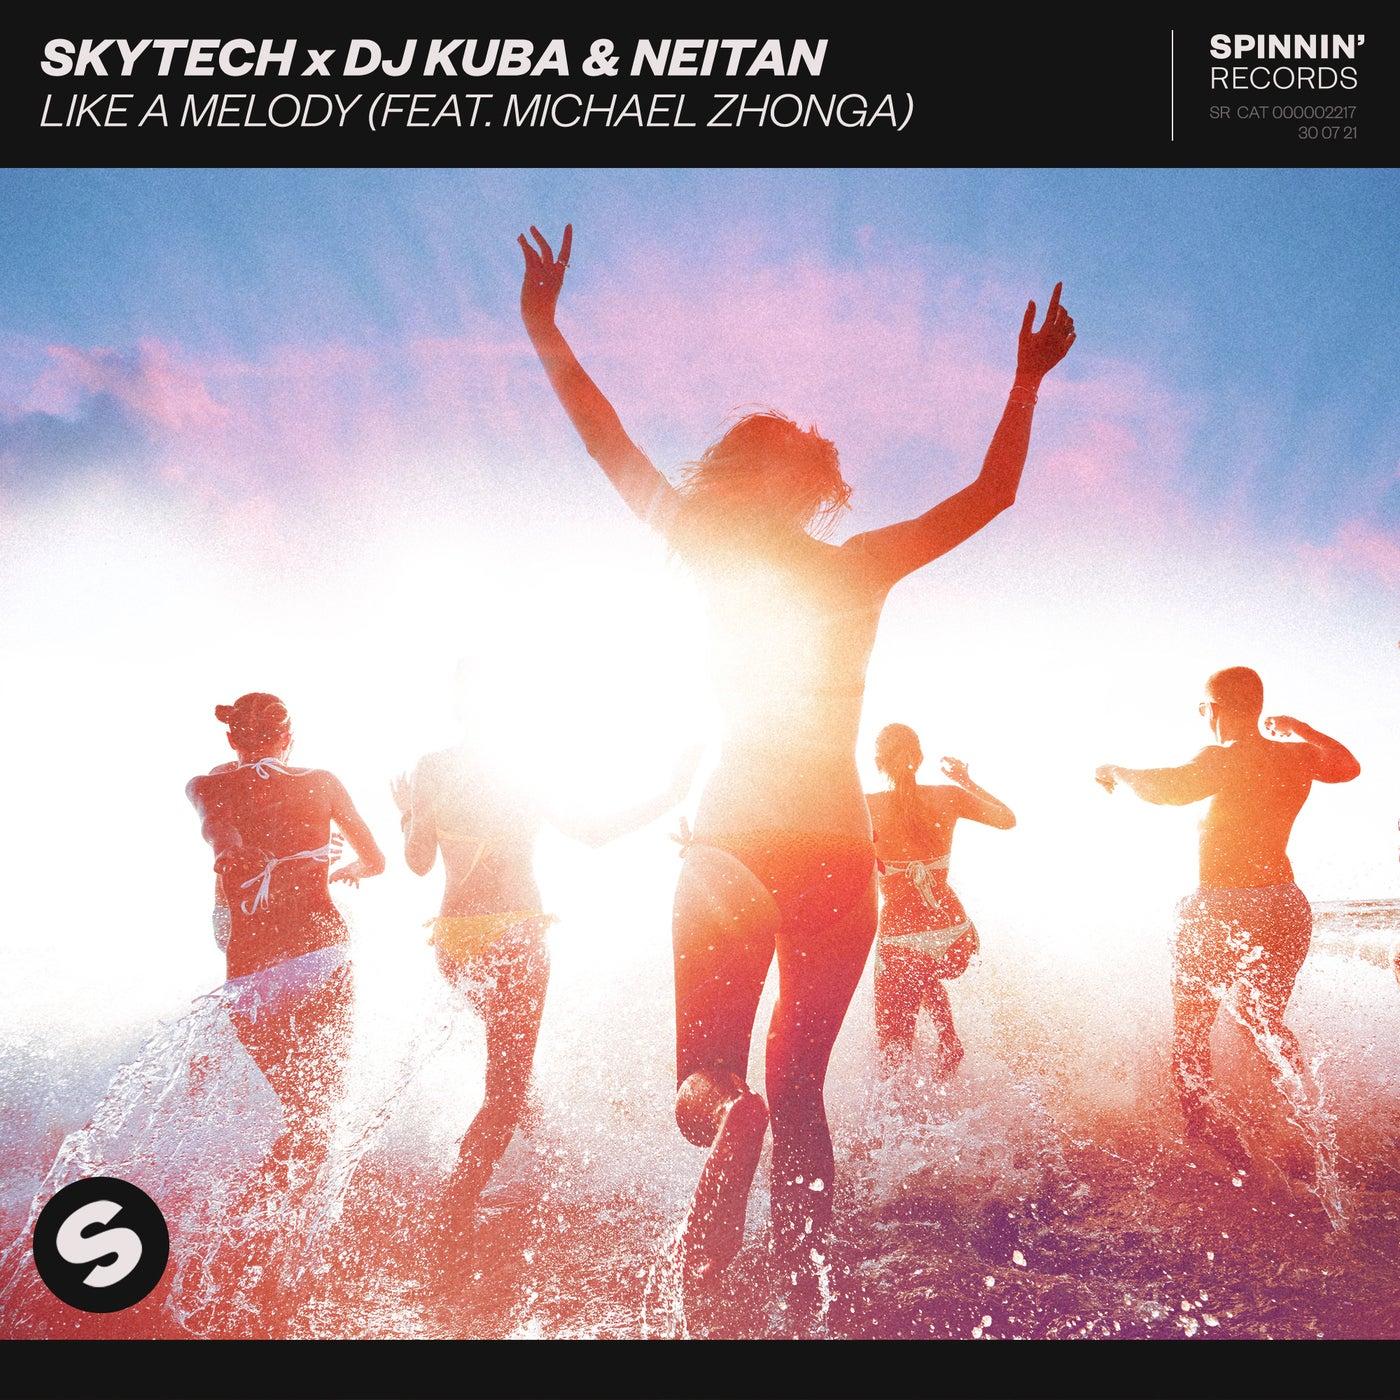 Like A Melody (feat. Michael Zhonga) (Extended Mix)